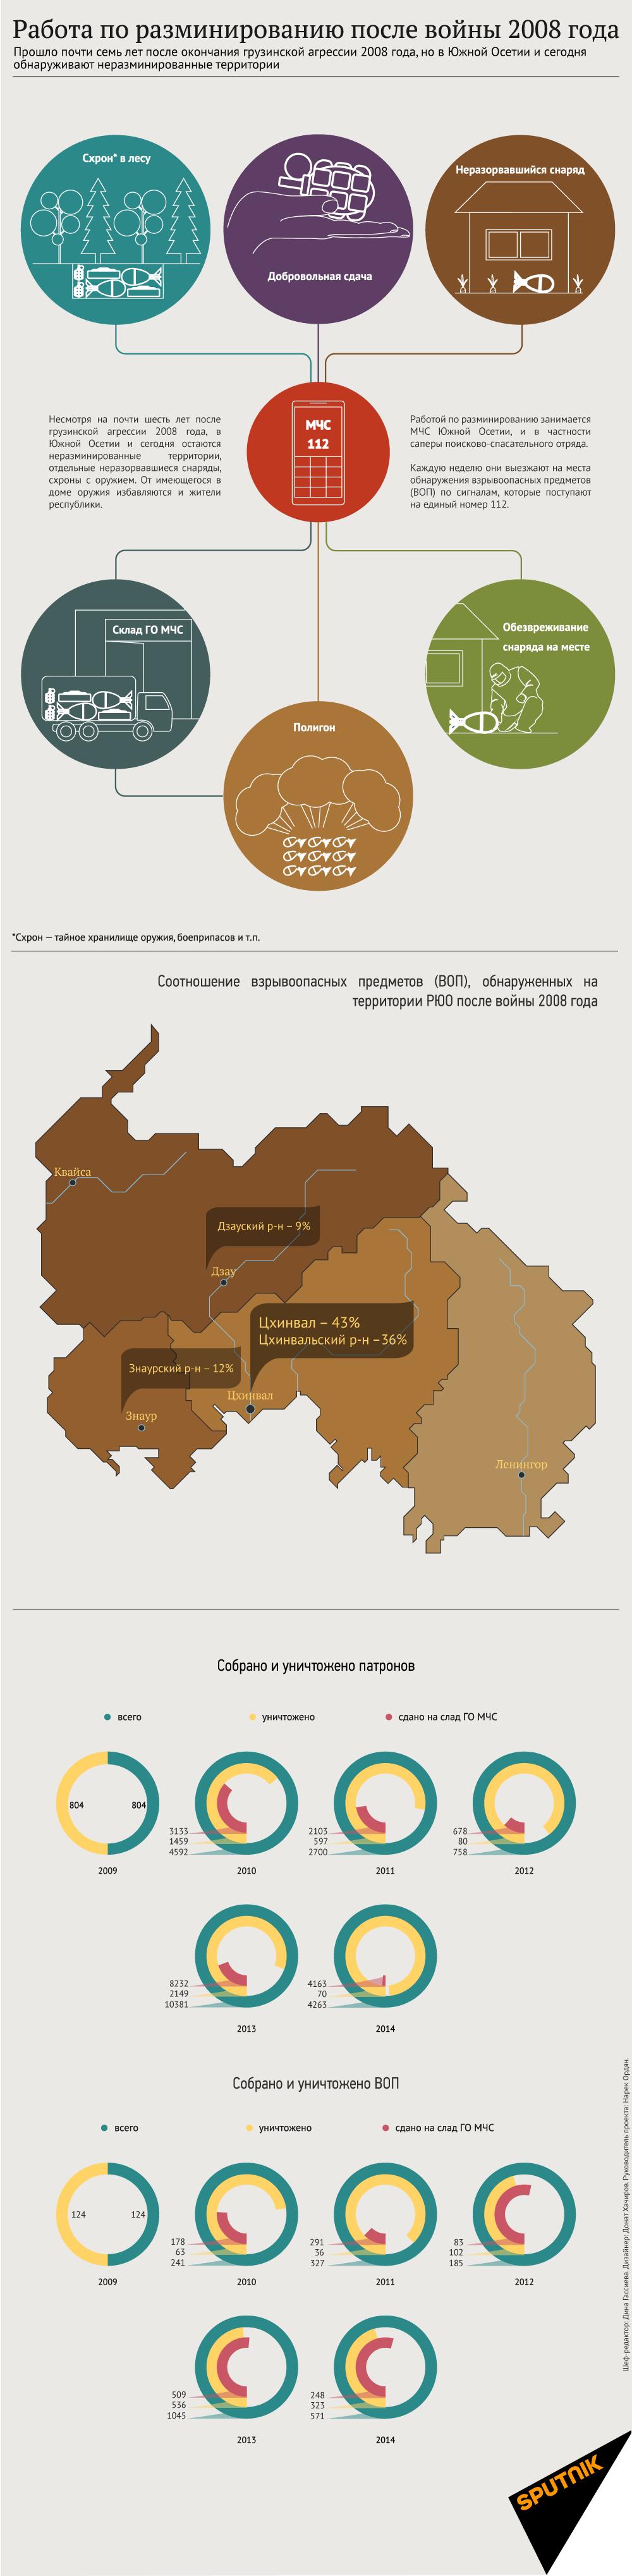 МЧС Южной Осетии обезвредило около 2,5 тыс. ВОП